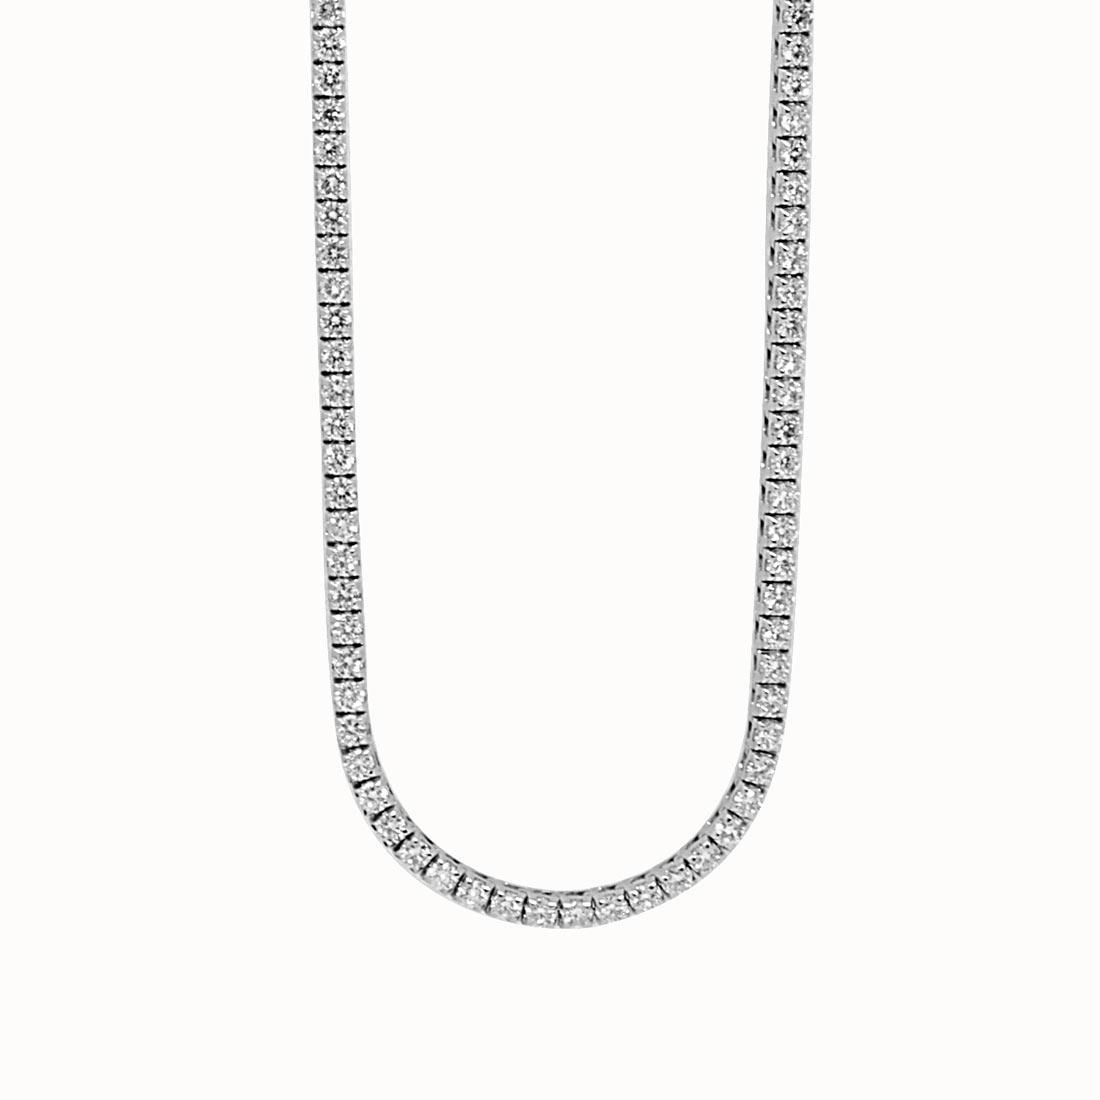 Collier Tennis Oro & Co oro bianco con diamanti ct 14,30 lunghezza 90 cm - ORO&CO